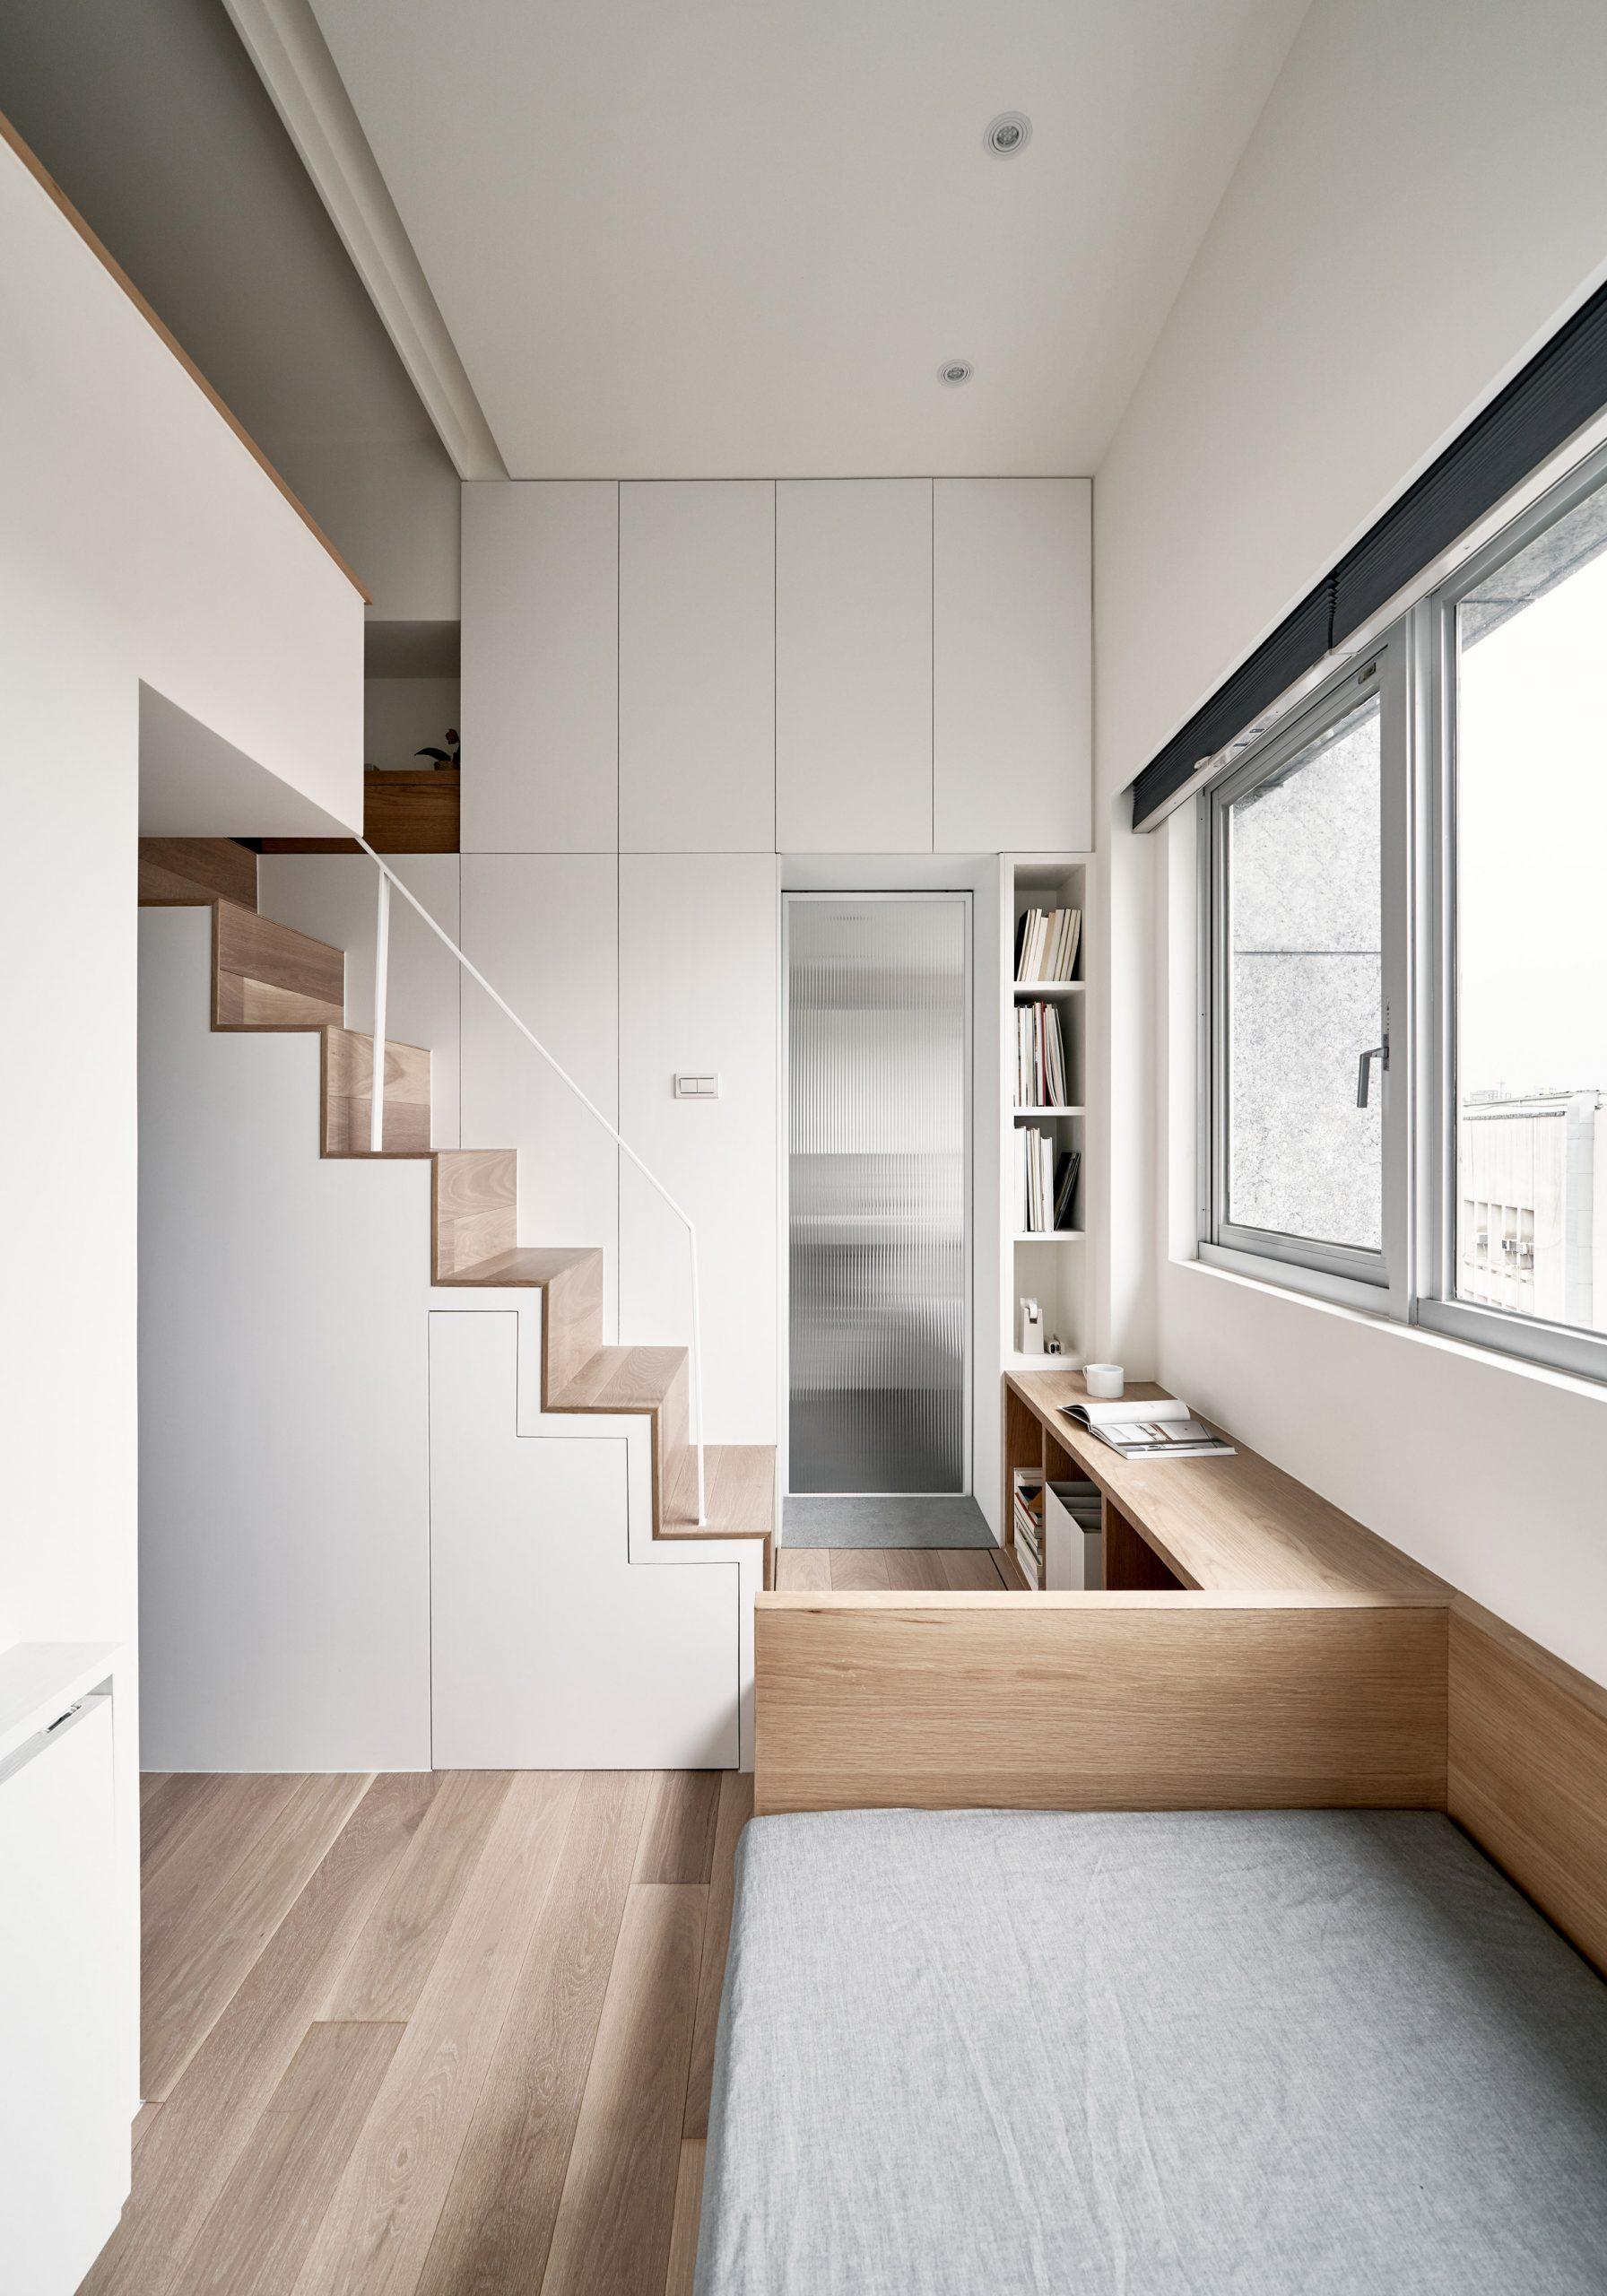 Thiết kế nội thất căn hộ 50m2 11